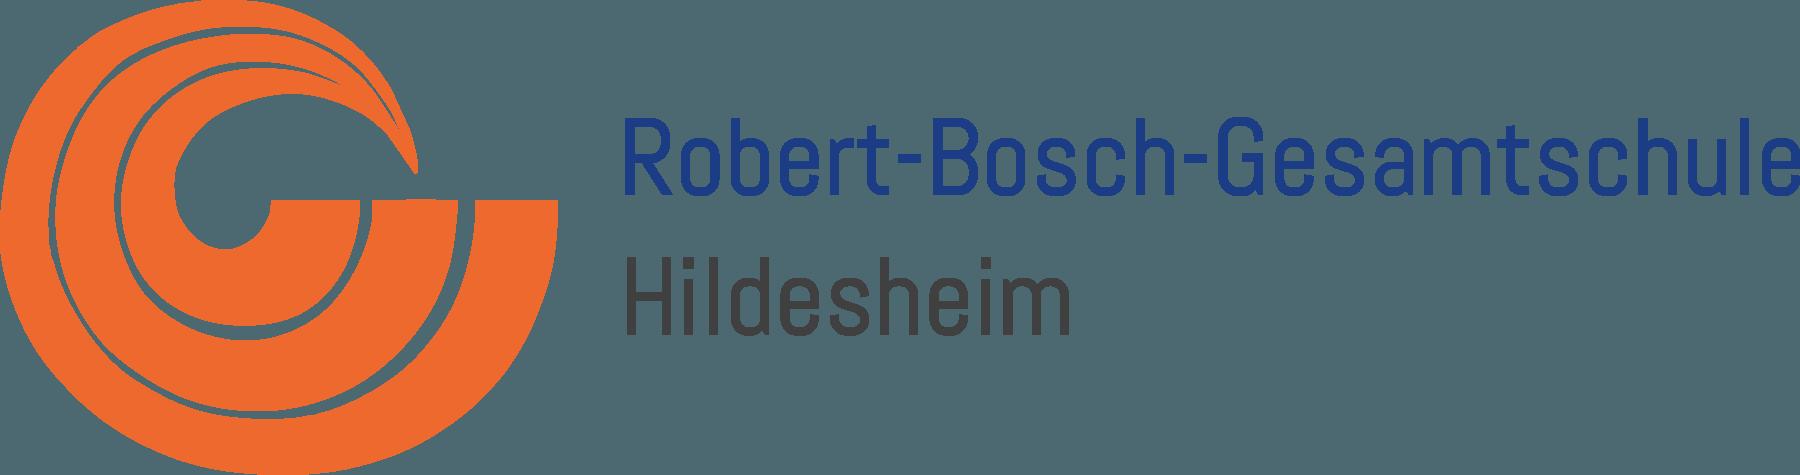 logo-rbg